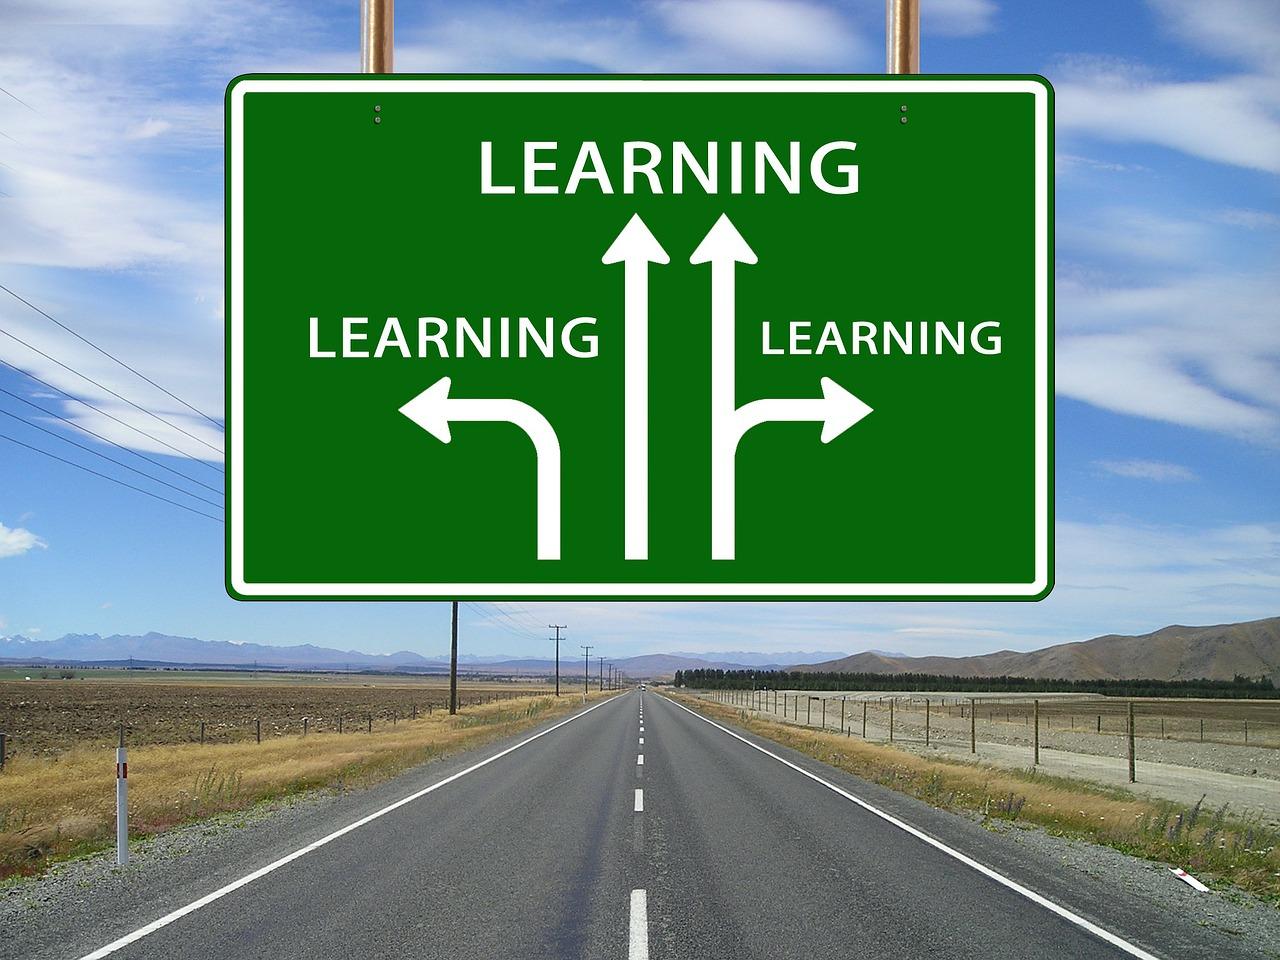 איך ללמוד לתיאוריה בקלות – 4 טיפים מומלצים